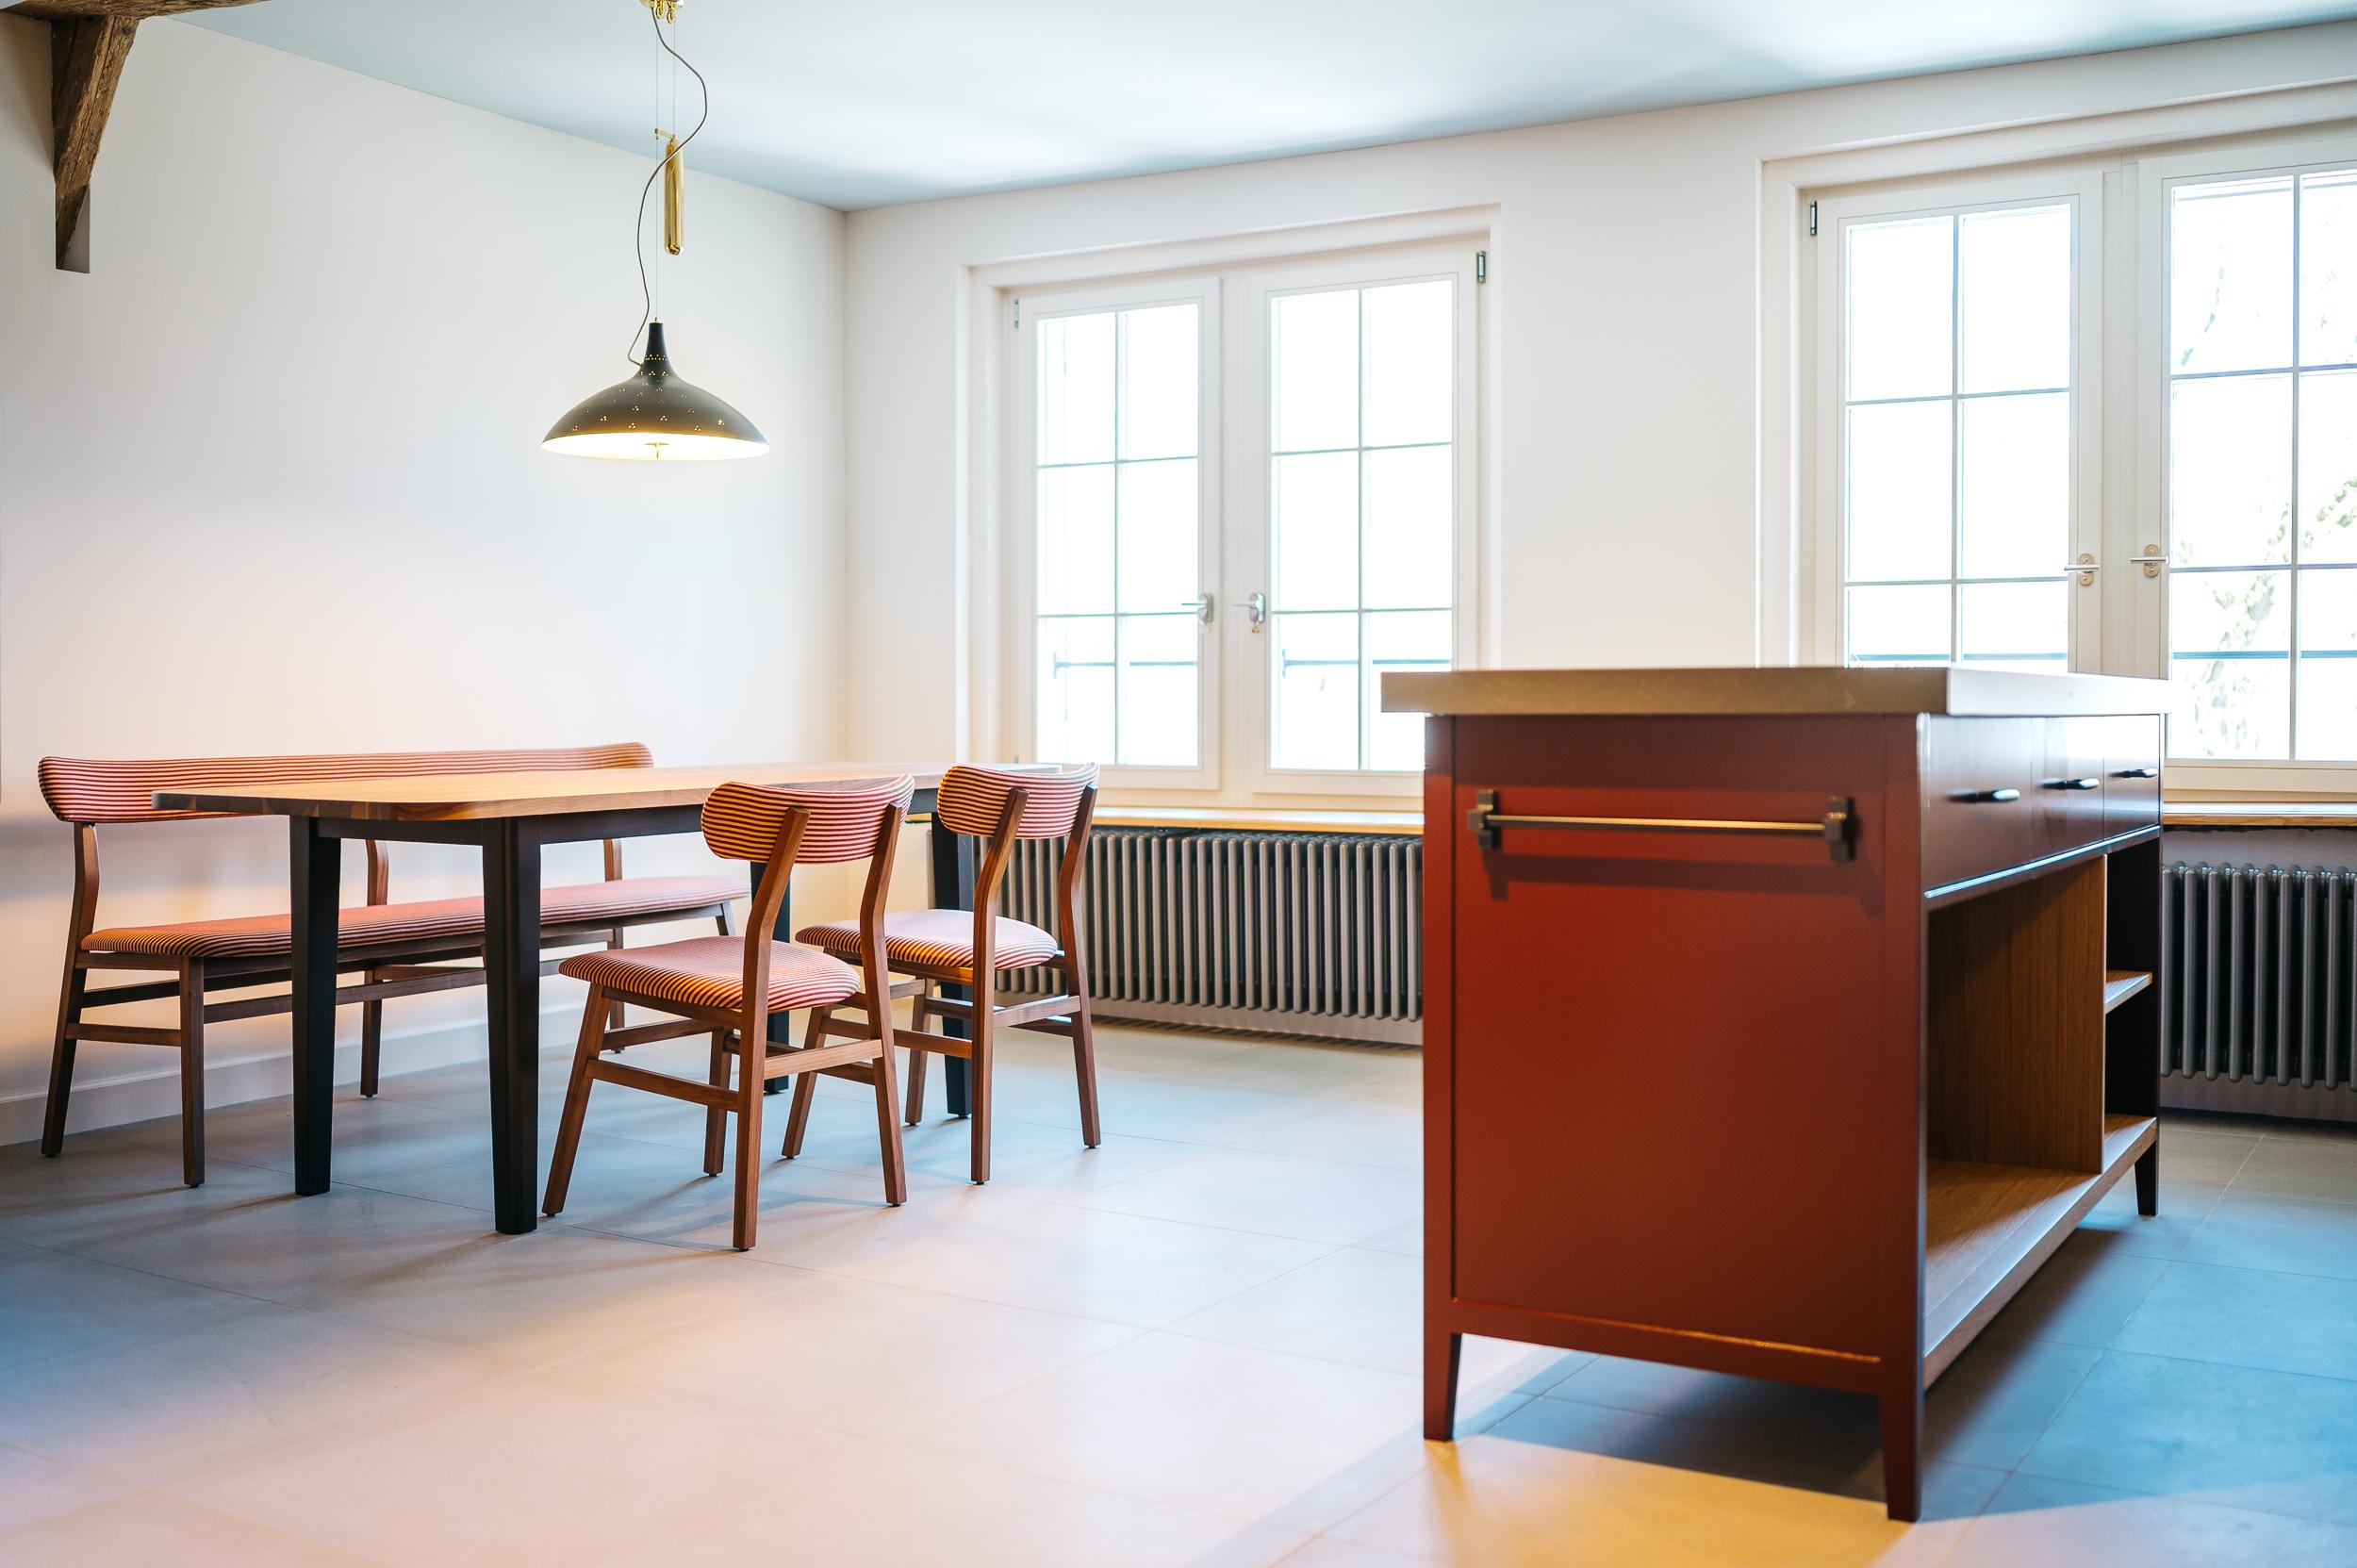 2020-04-06-storchen-apartments-17